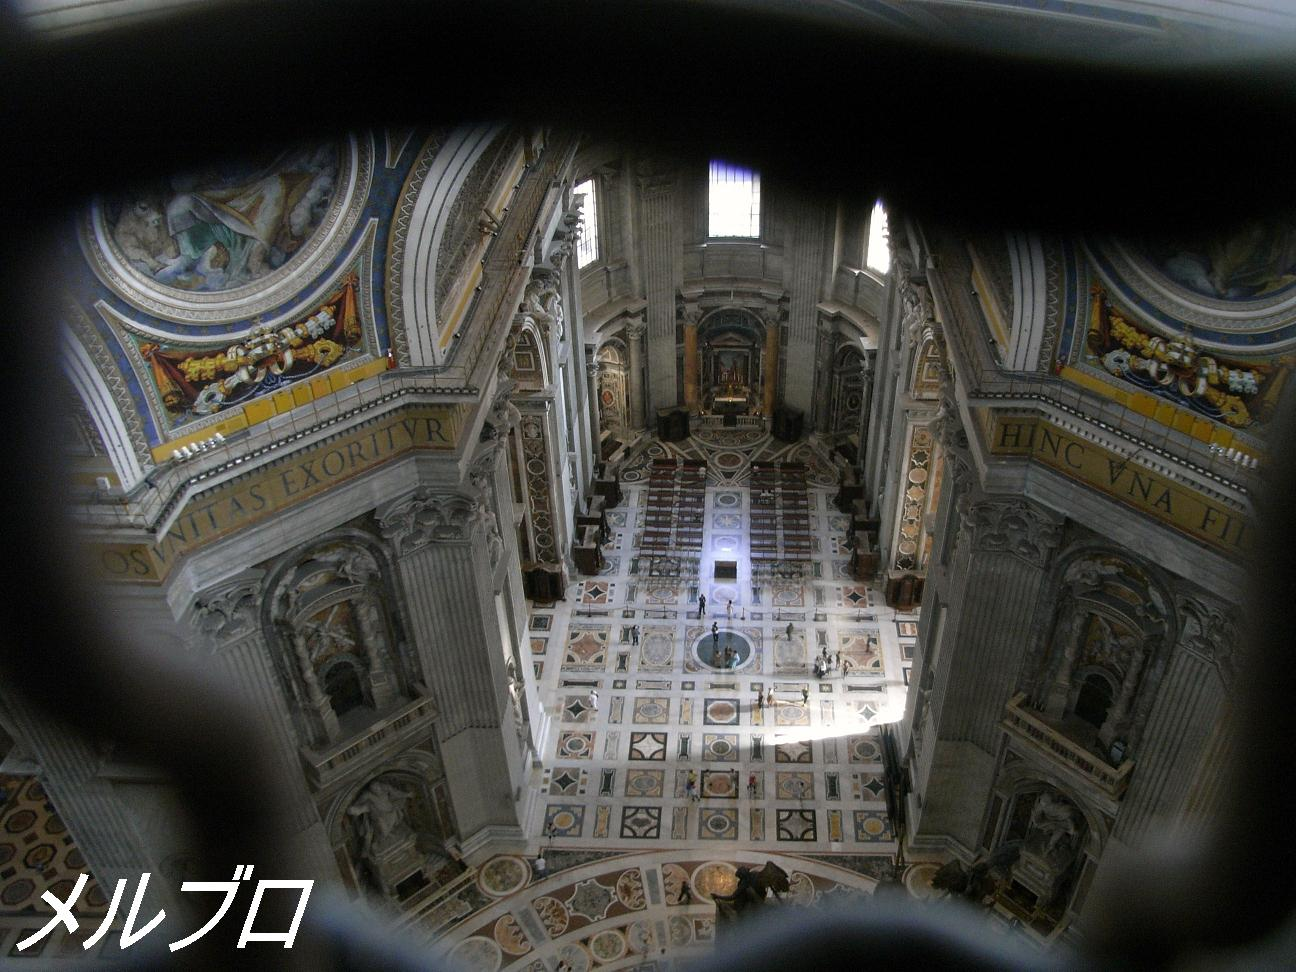 上から見て大聖堂内部